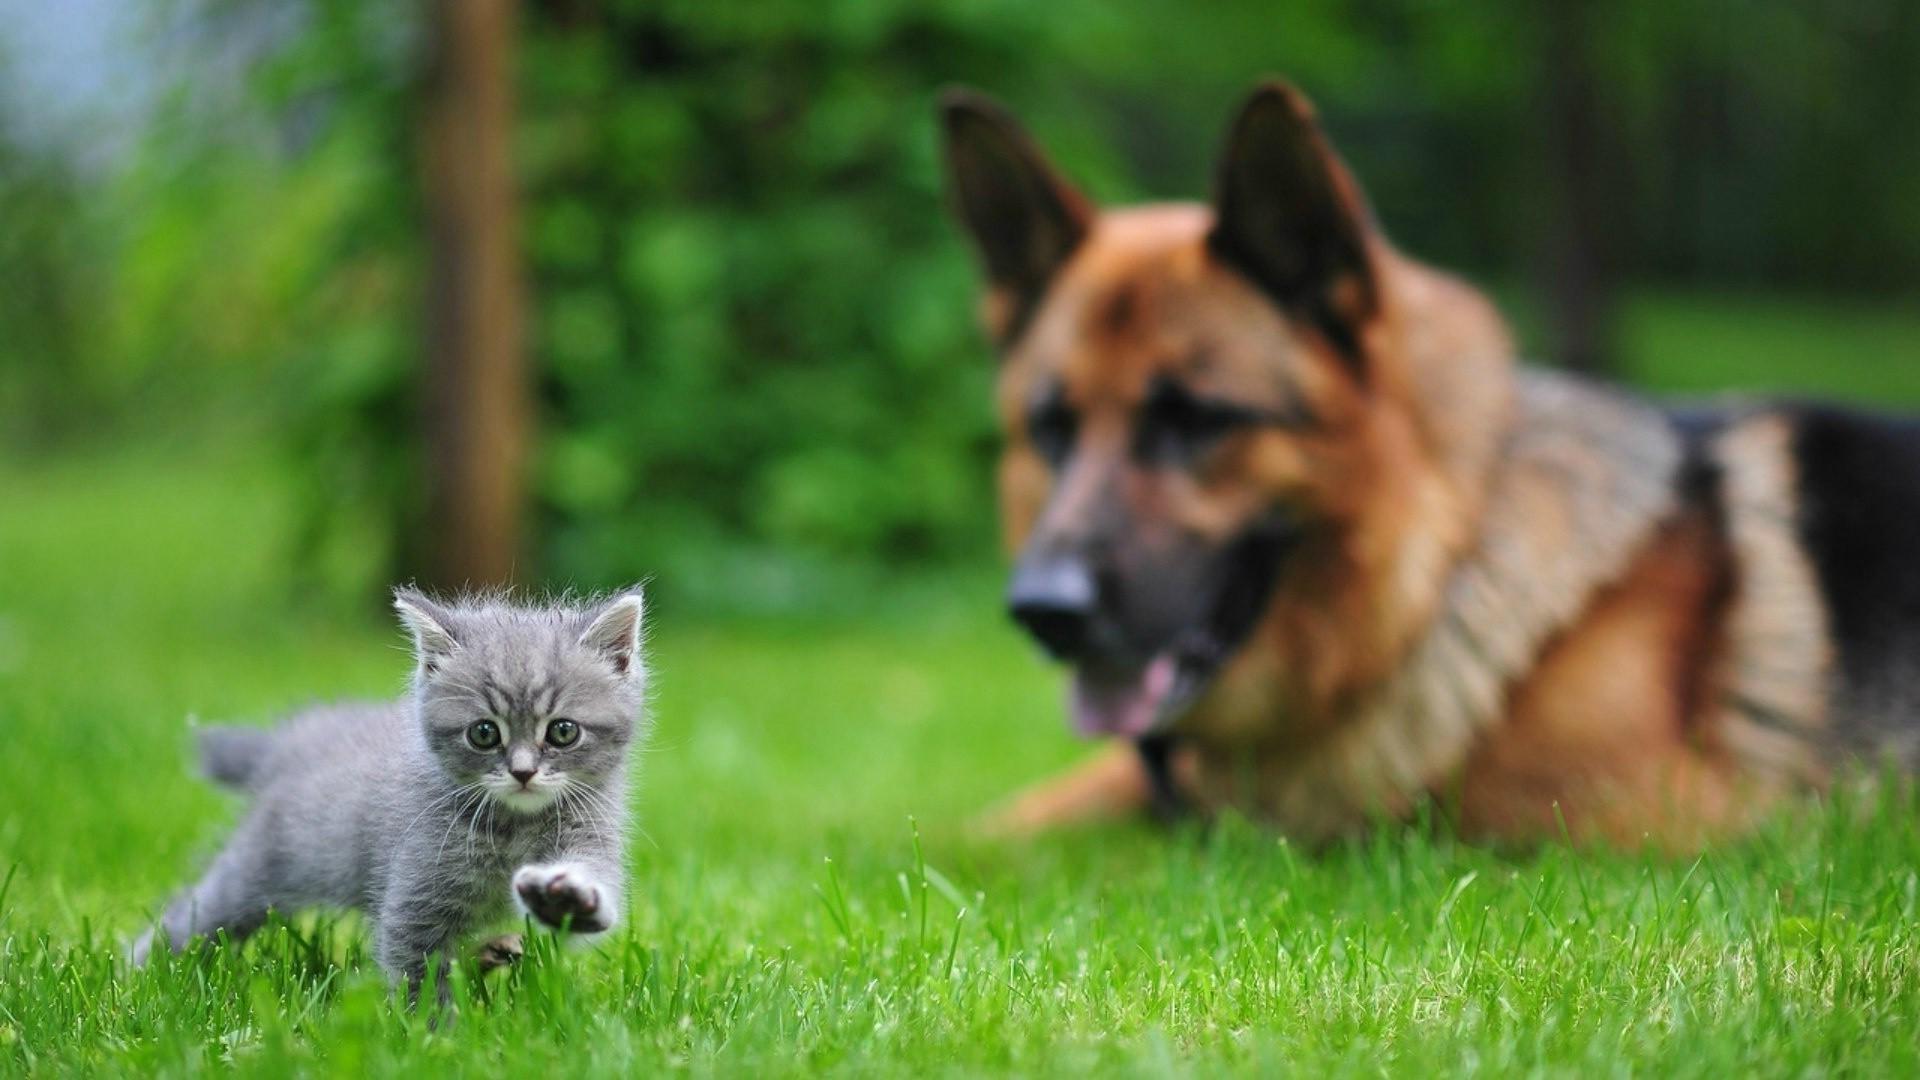 постановки картинки на рабочий стол с собачками и котятами были ситуации, когда